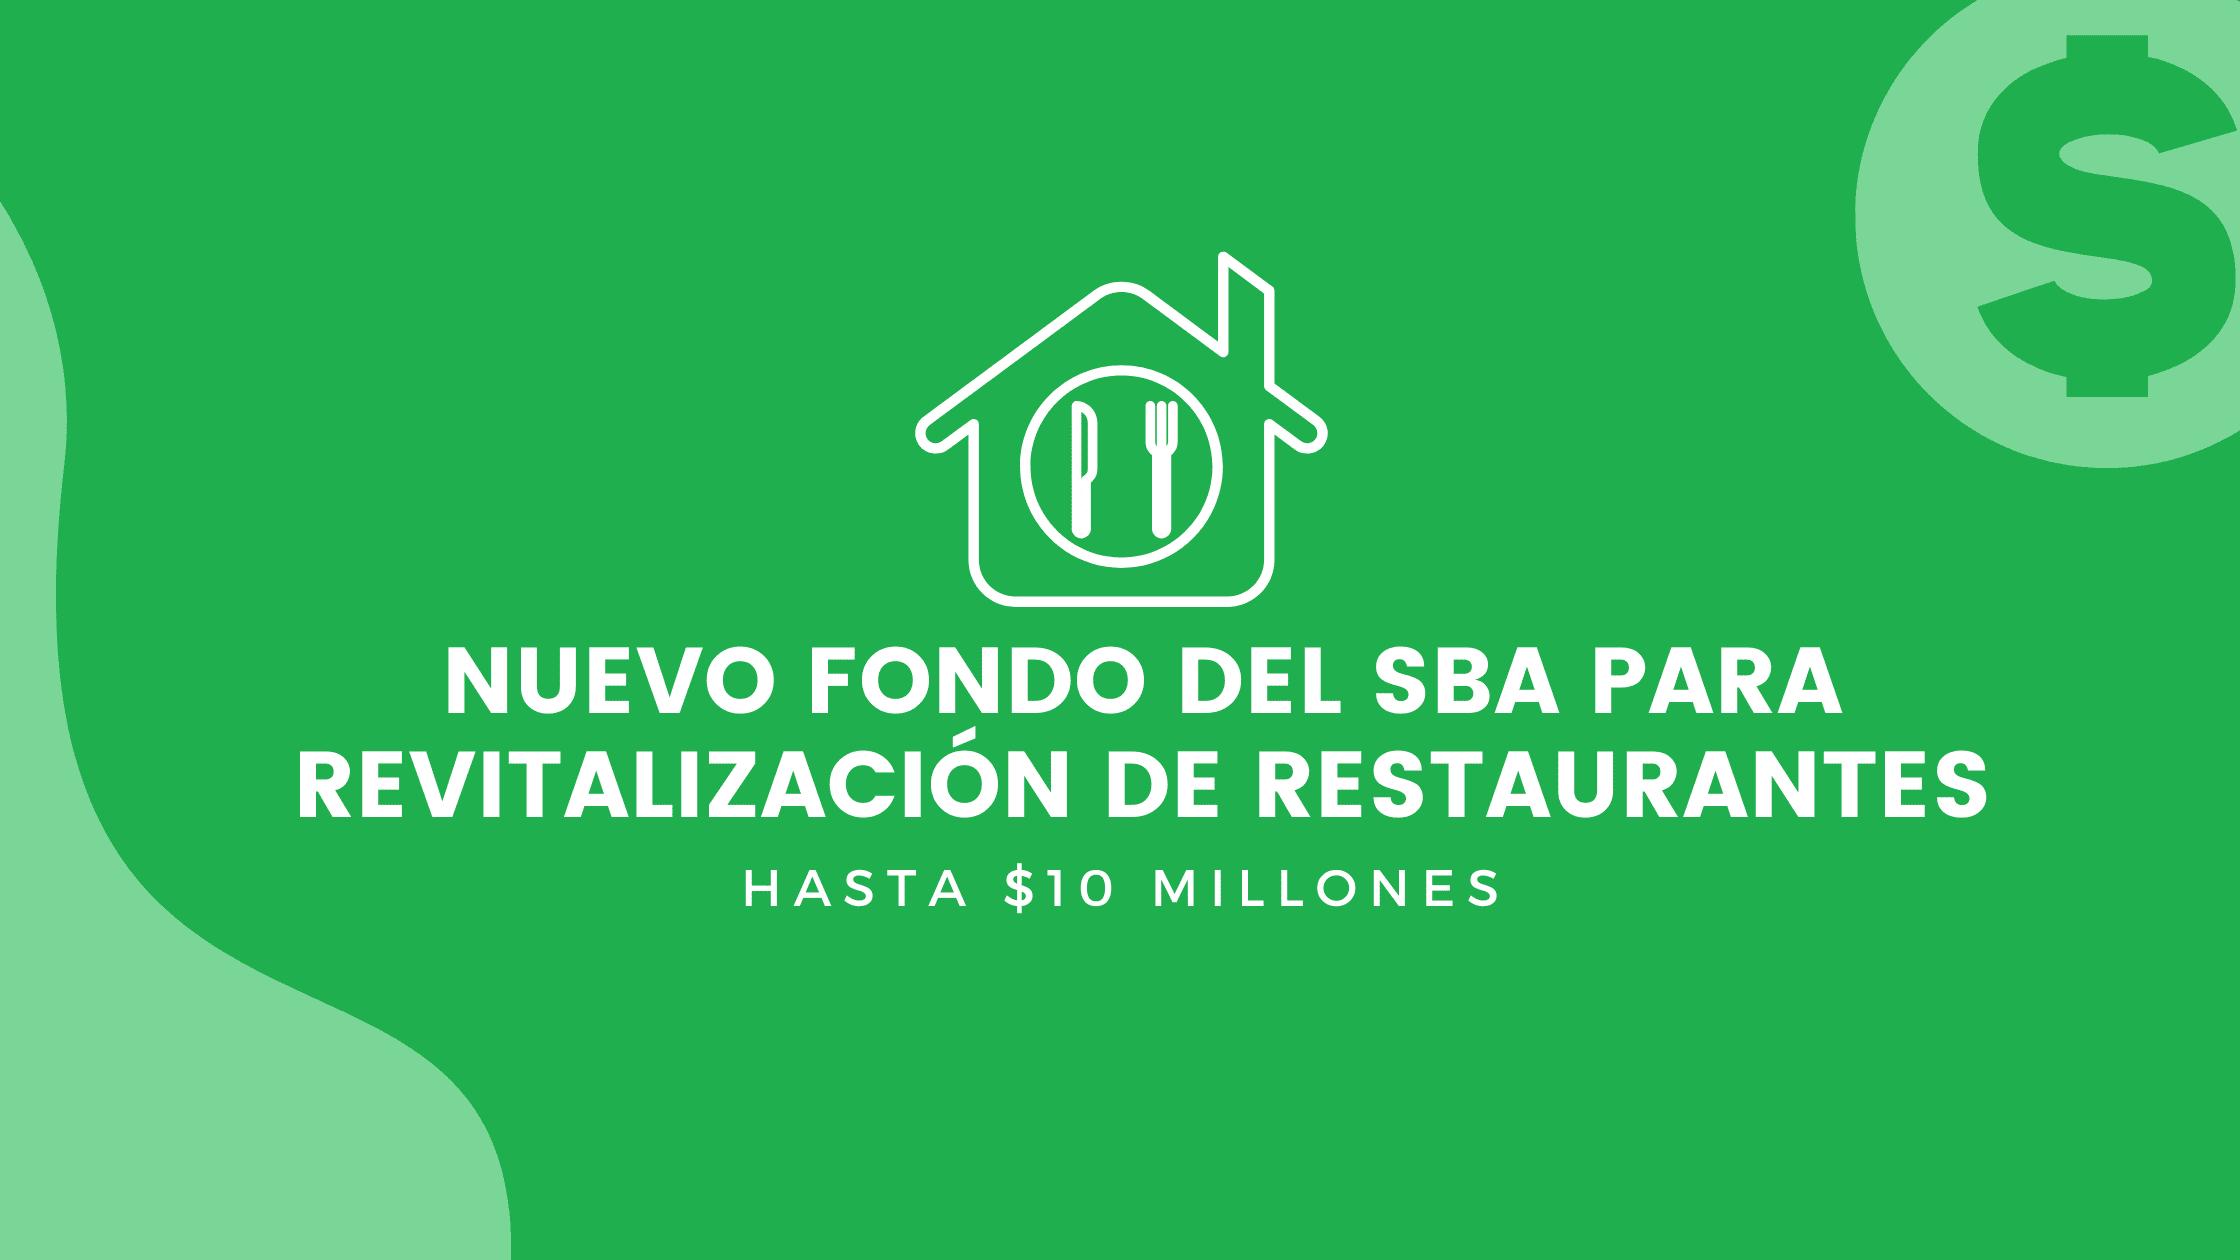 Nuevo fondo del SBA para revitalización de restaurantes